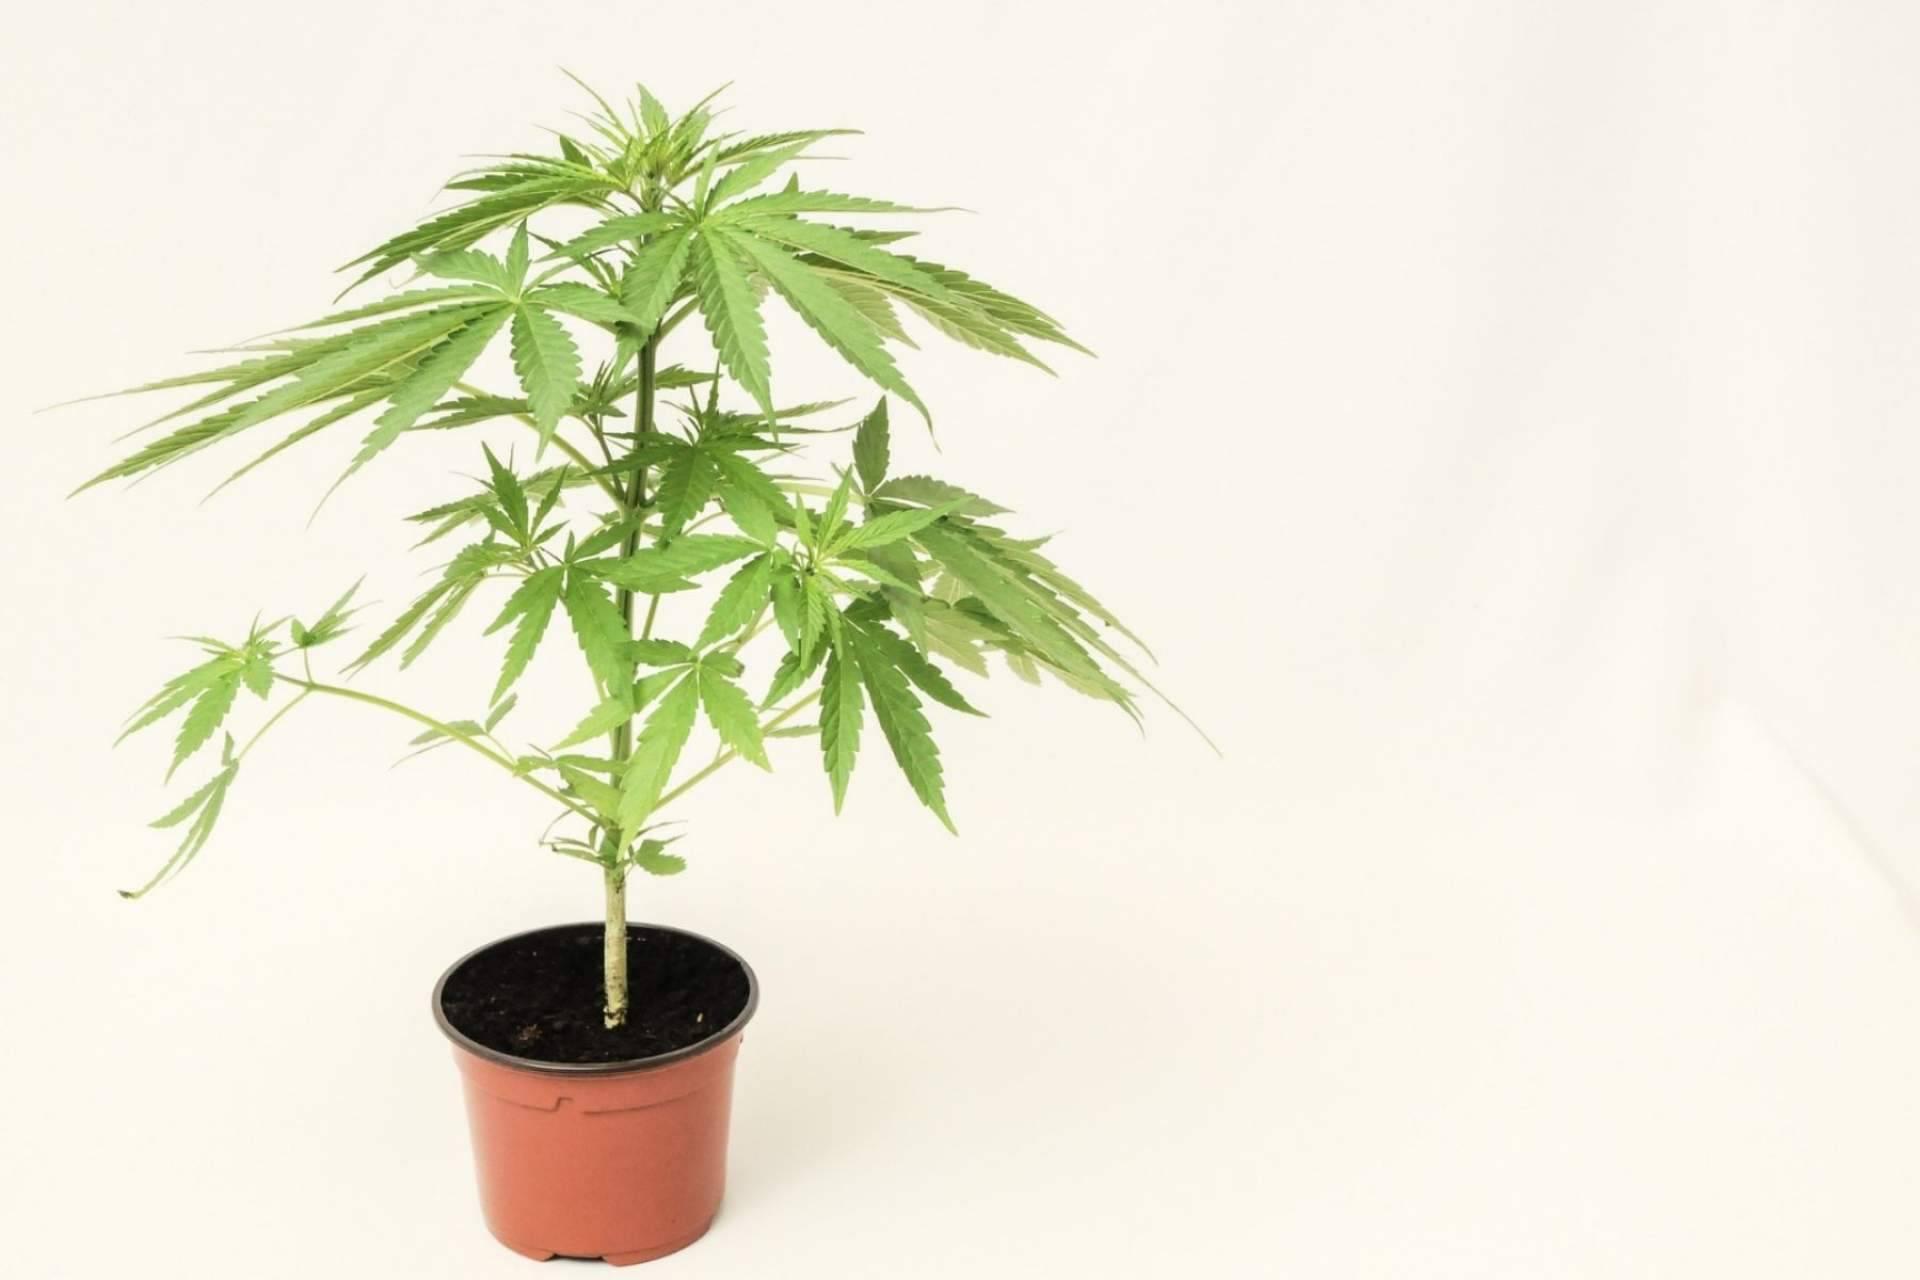 De Pata Verde: ¿Qué son las flores de CBD o cannabidiol?